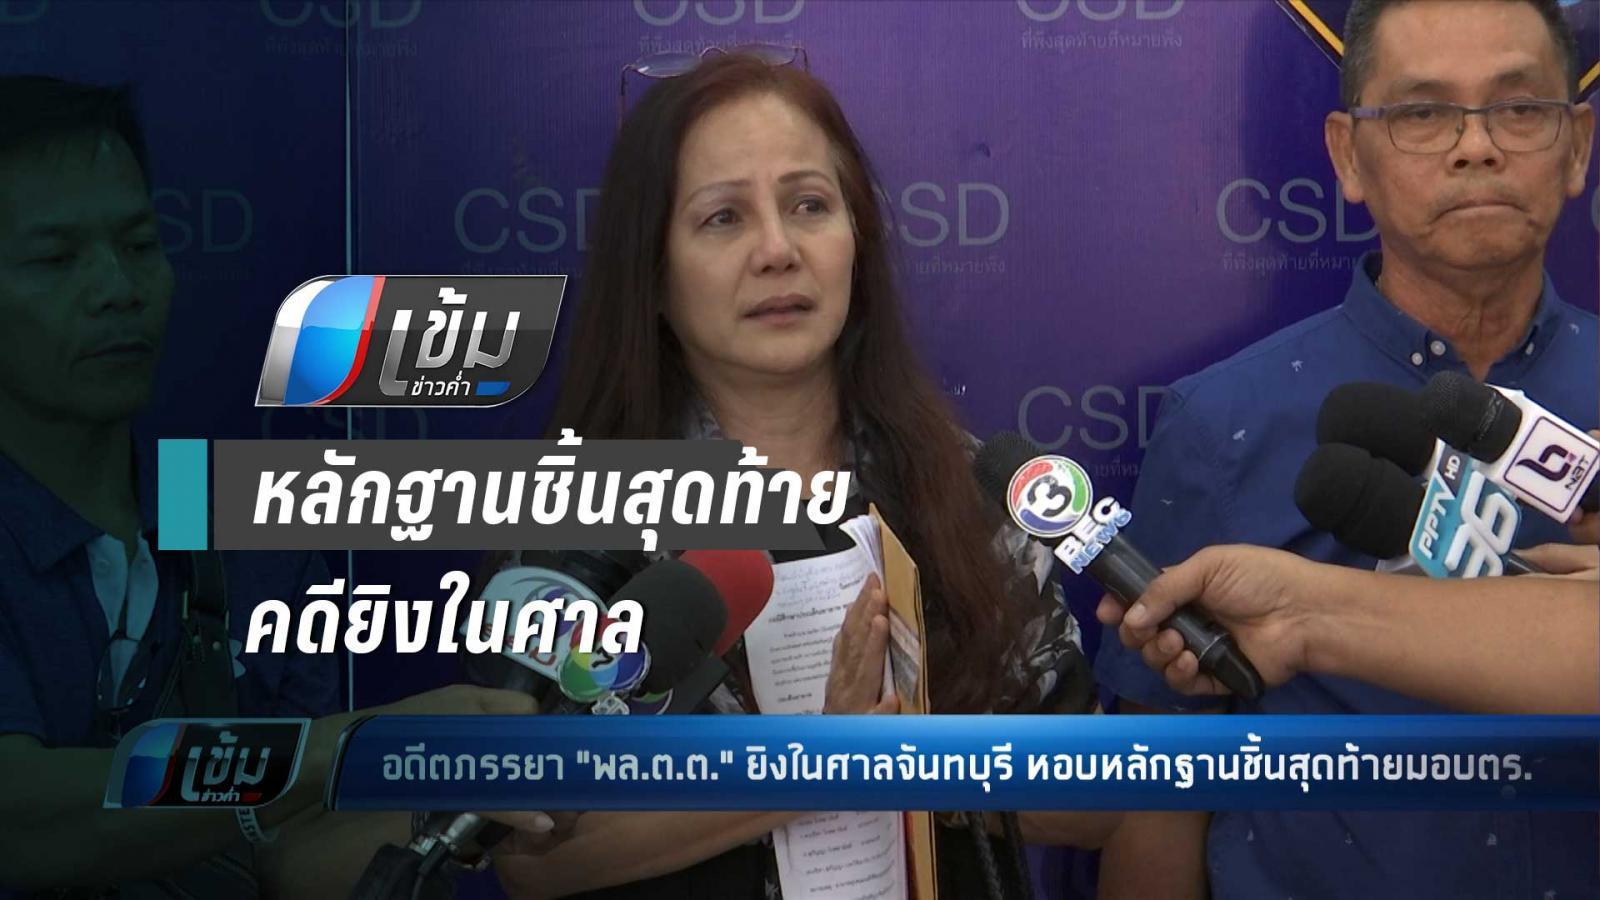 อดีตภรรยา'พล.ต.ต.'ยิงในศาลจันทบุรี หอบหลักฐานชิ้นสุดท้ายมอบตร.